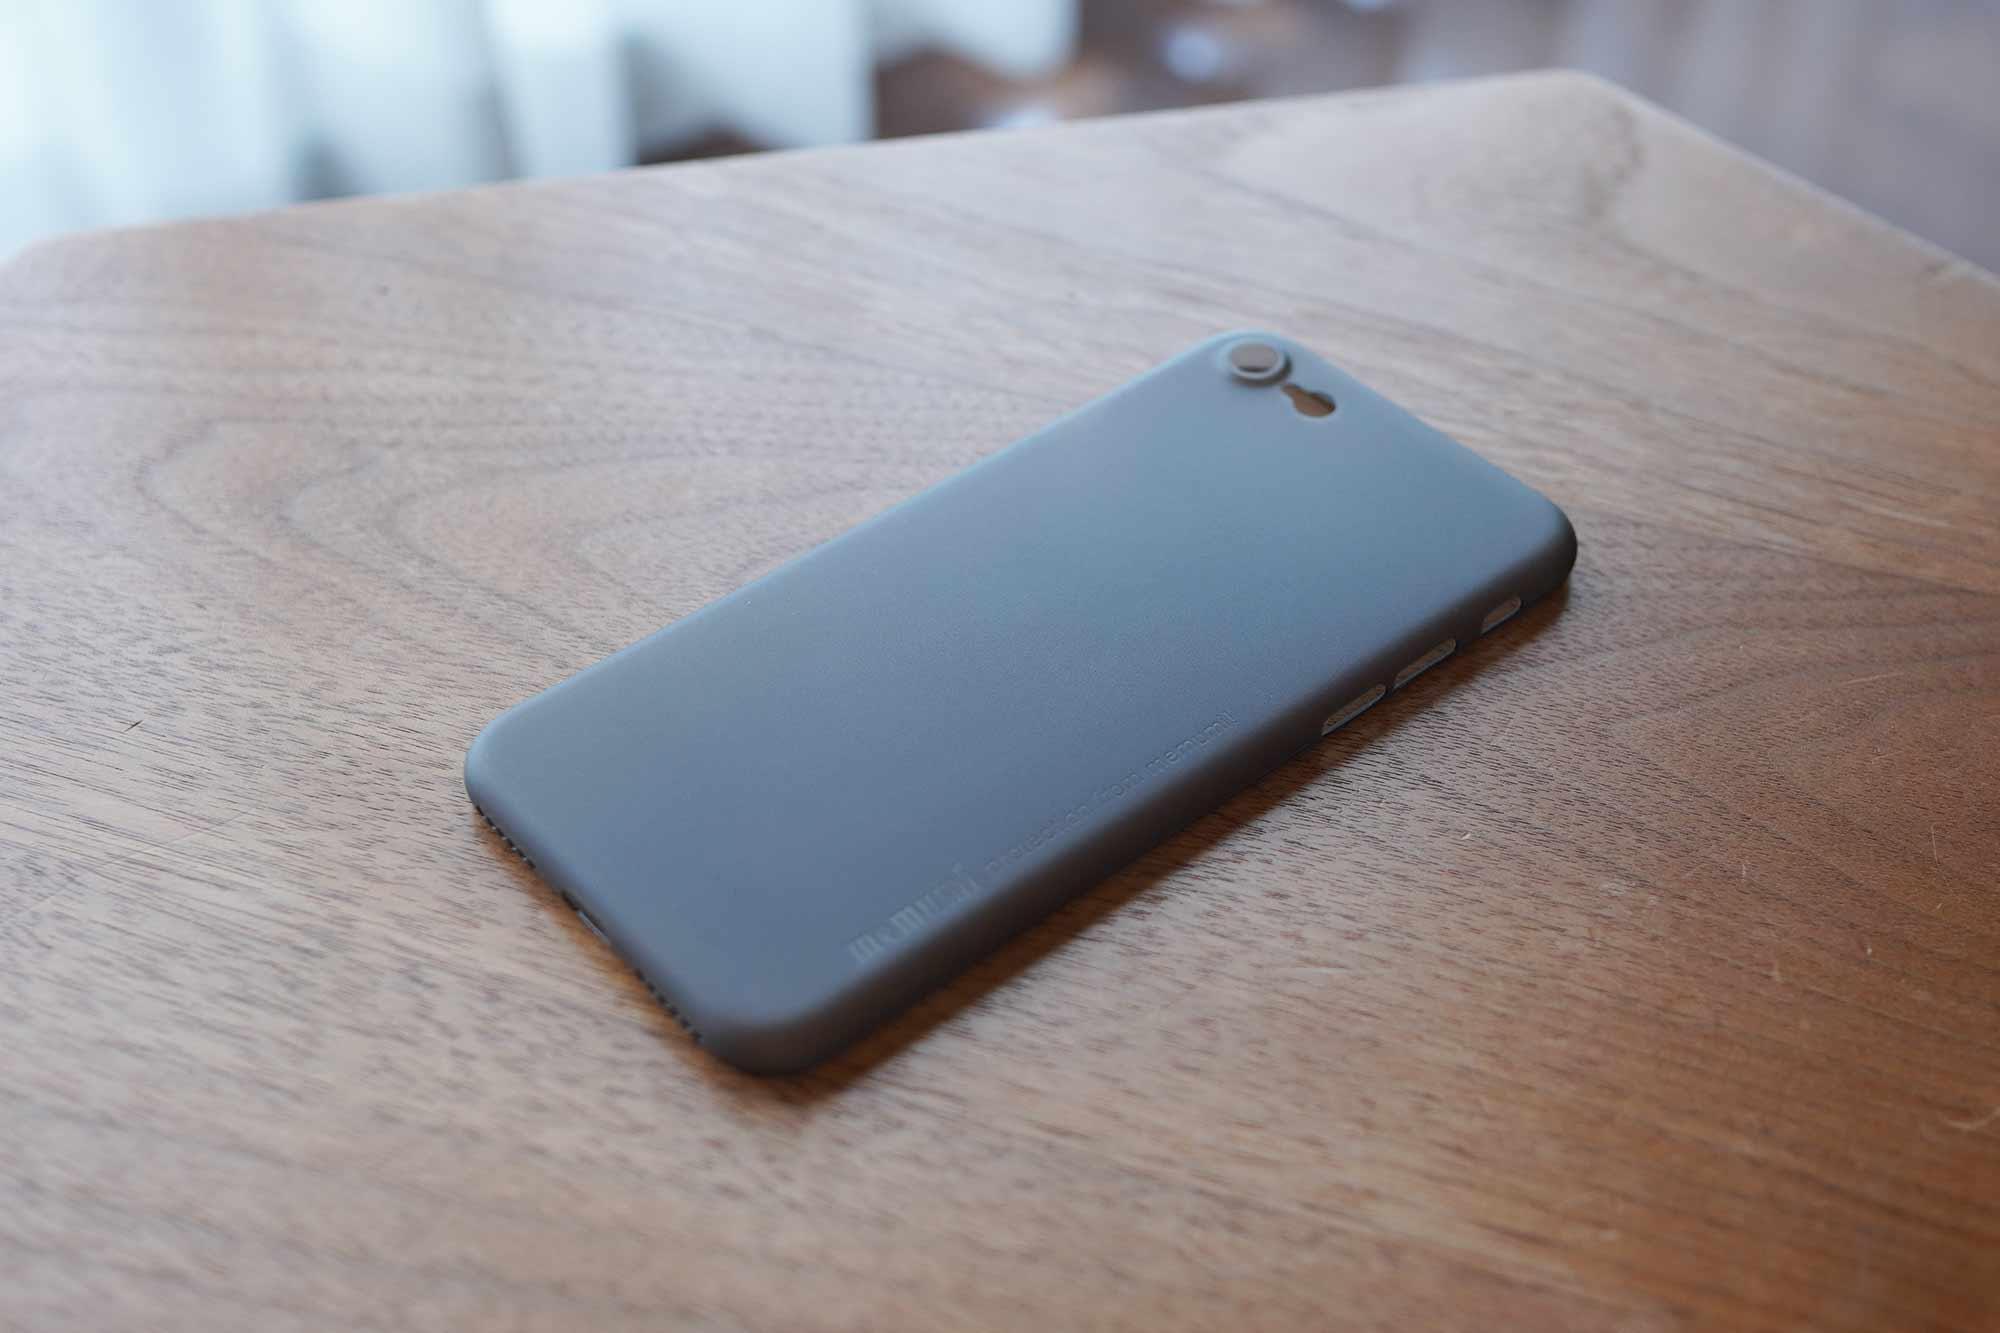 iPhone SE,iPhone 8,iPhone7,ケース,最薄型,最軽量,memumi,軽い